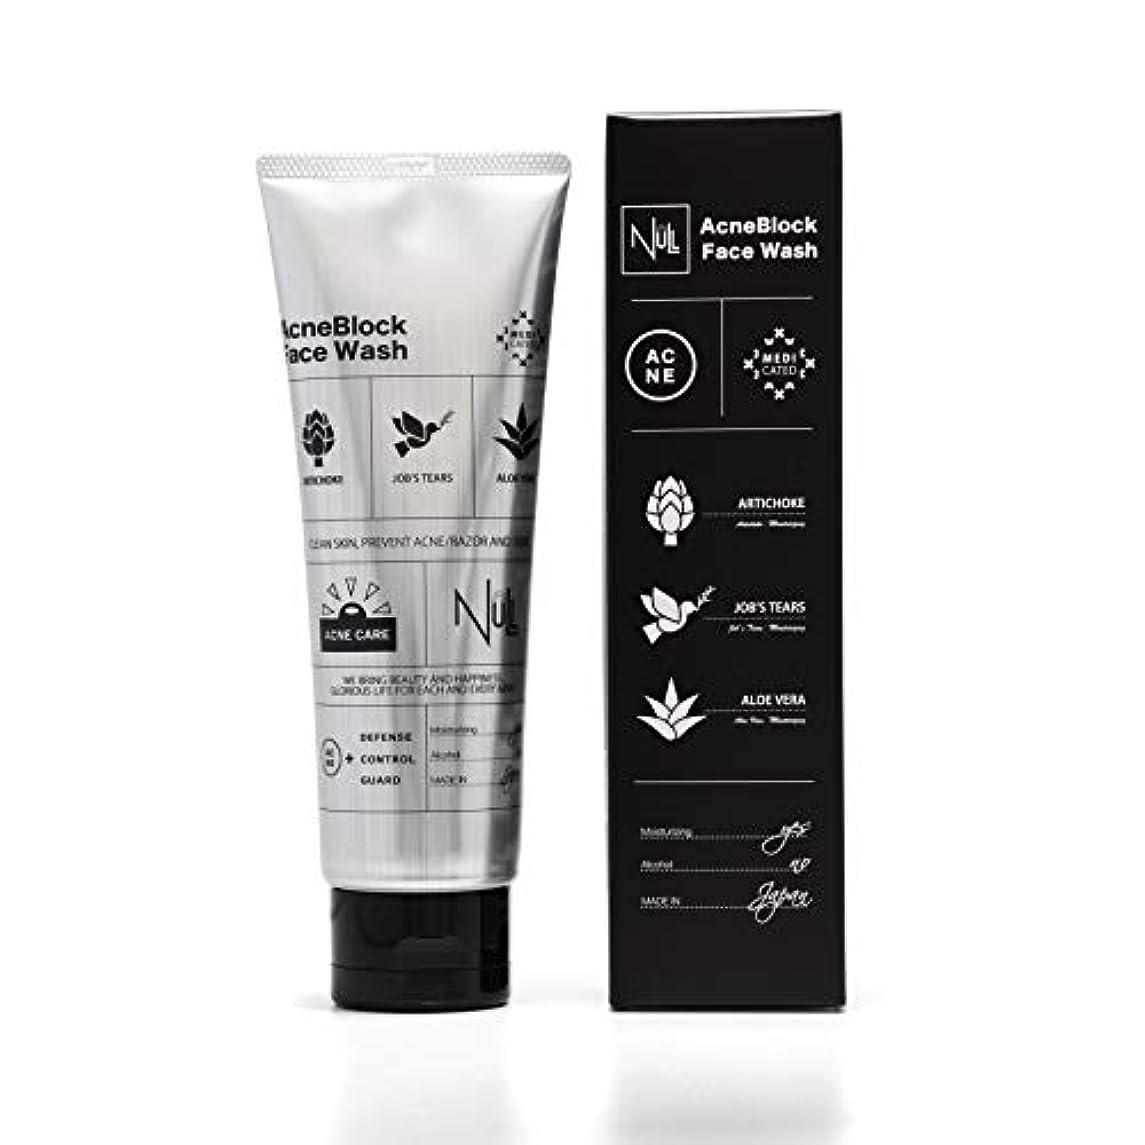 伝染性の選ぶケーブルカーNULL 洗顔 メンズ 【有効成分の力で ニキビ を防ぐ かみそり負け/肌荒れ を防ぐ】薬用 アクネブロック フェイスウォッシュ 洗顔クリーム 洗顔料 保湿成分配合 アルコールなど6つの 無添加 医薬部外品 120g